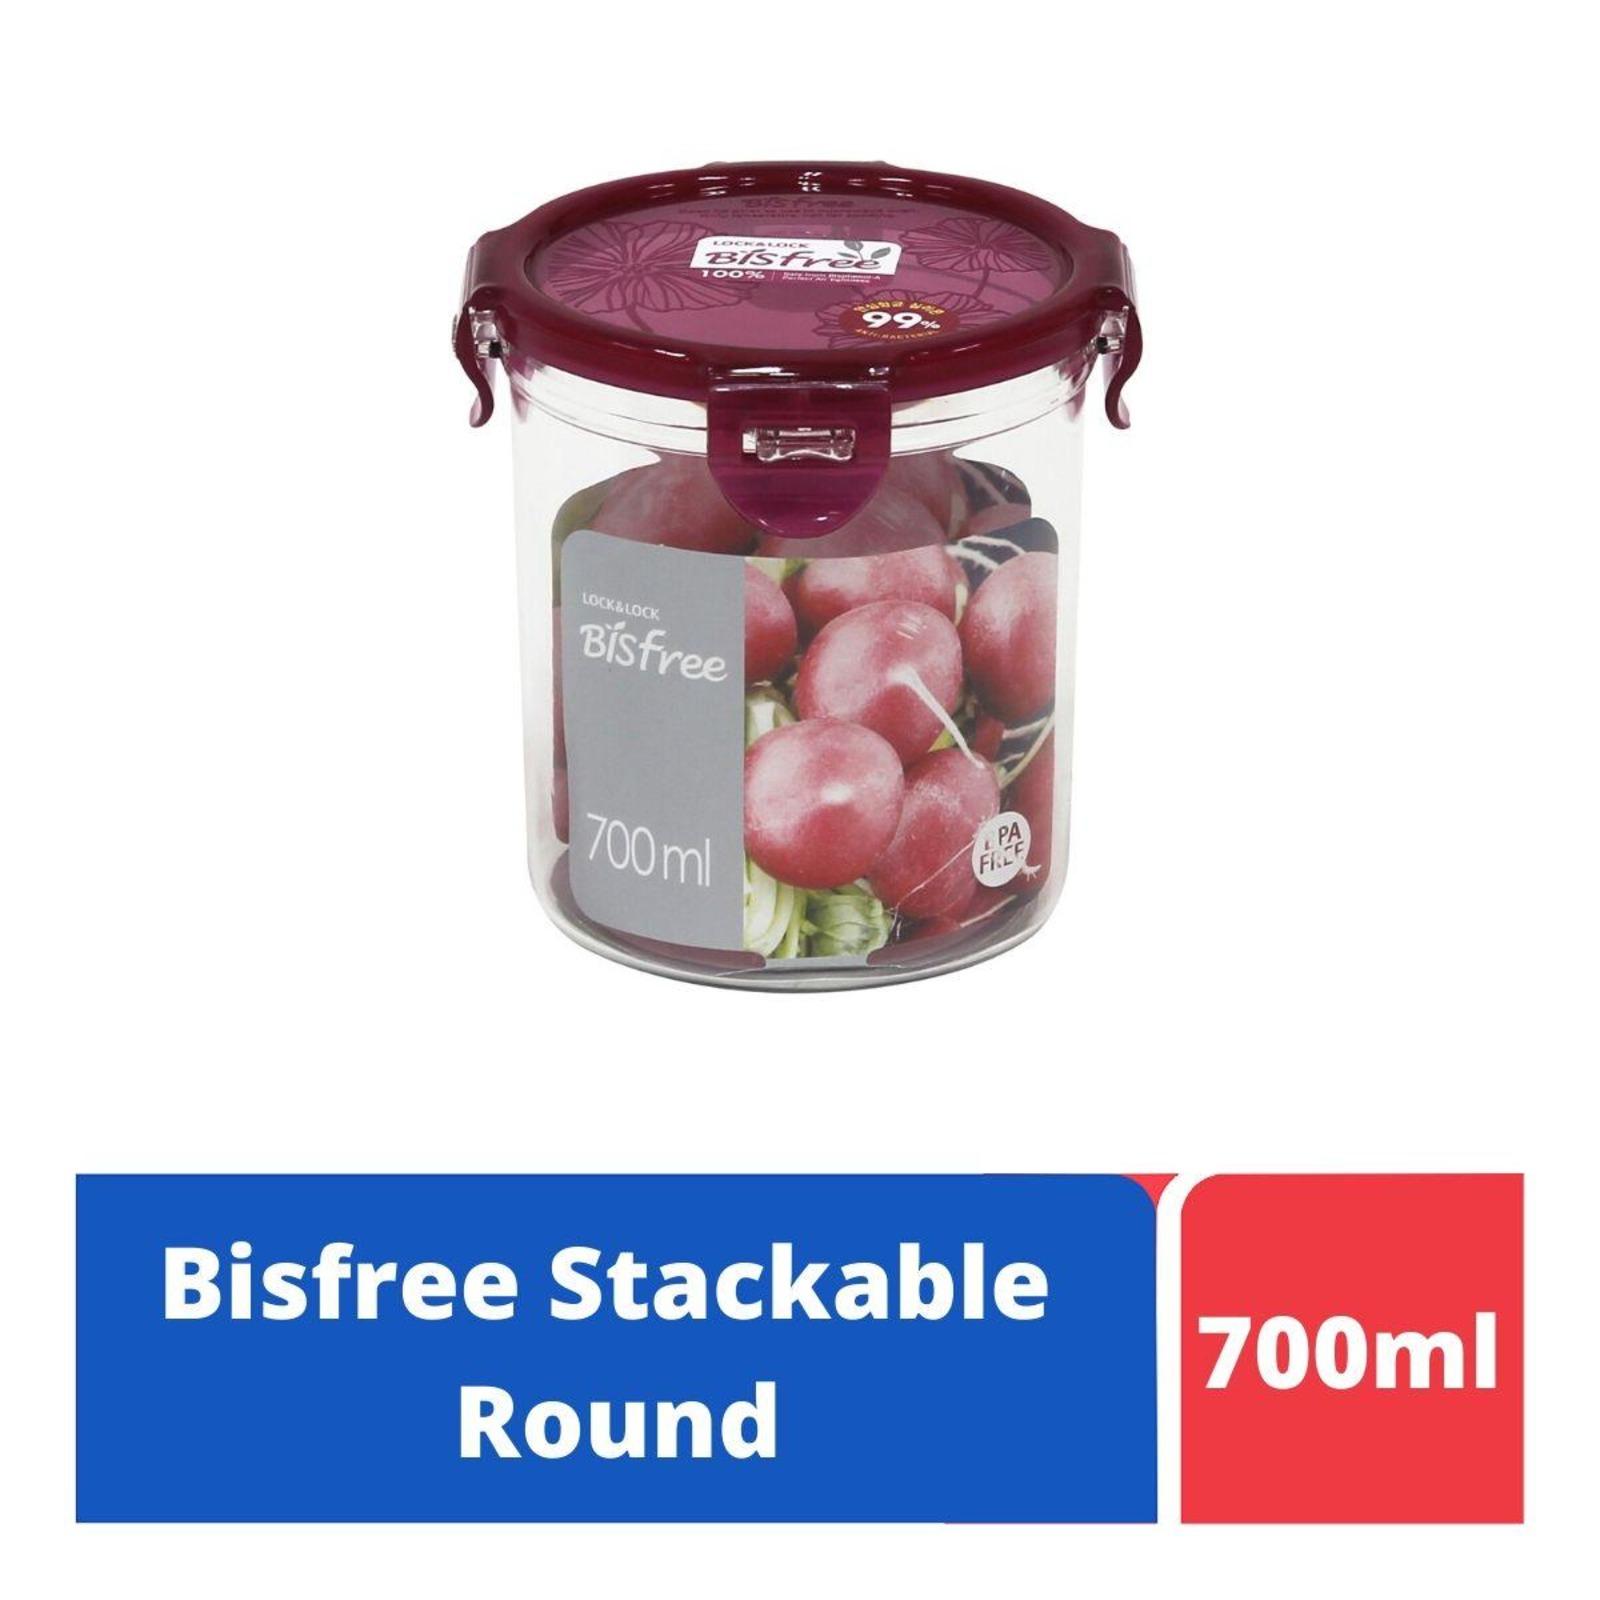 LOCK&LOCK Bisfree Round Food Container 700ml -Red